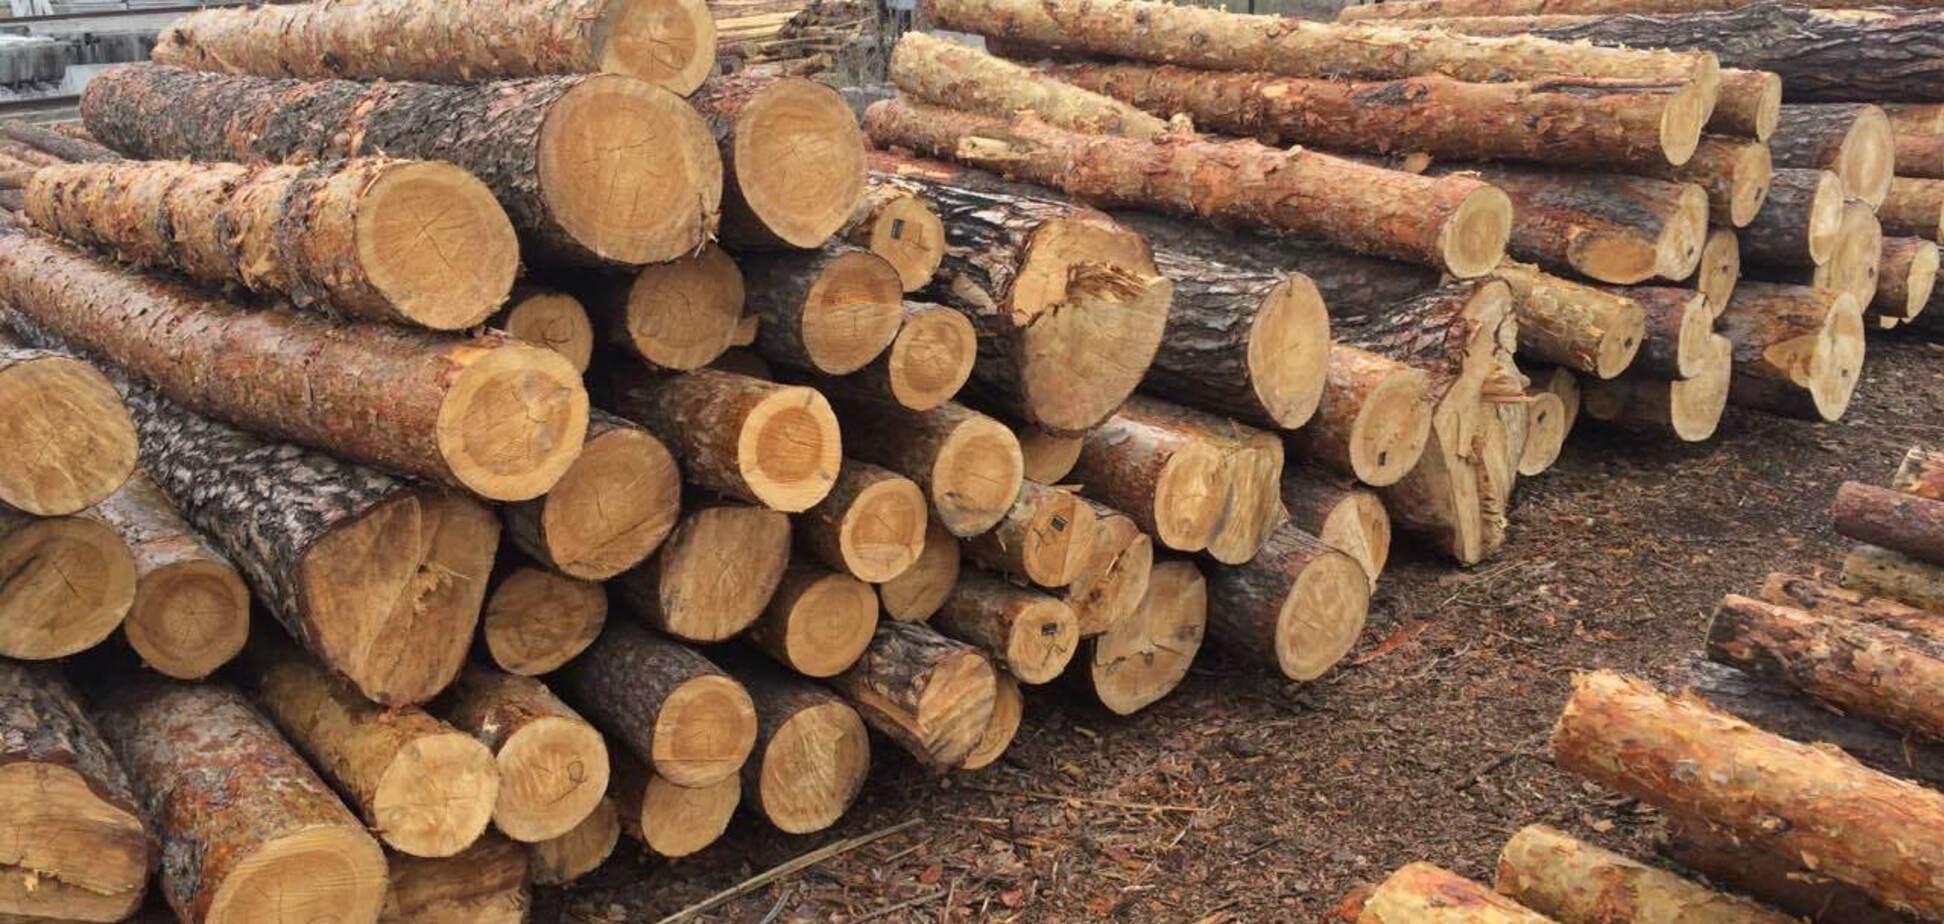 Експорт лісу-кругляка: як змусити Європу враховувати інтереси України